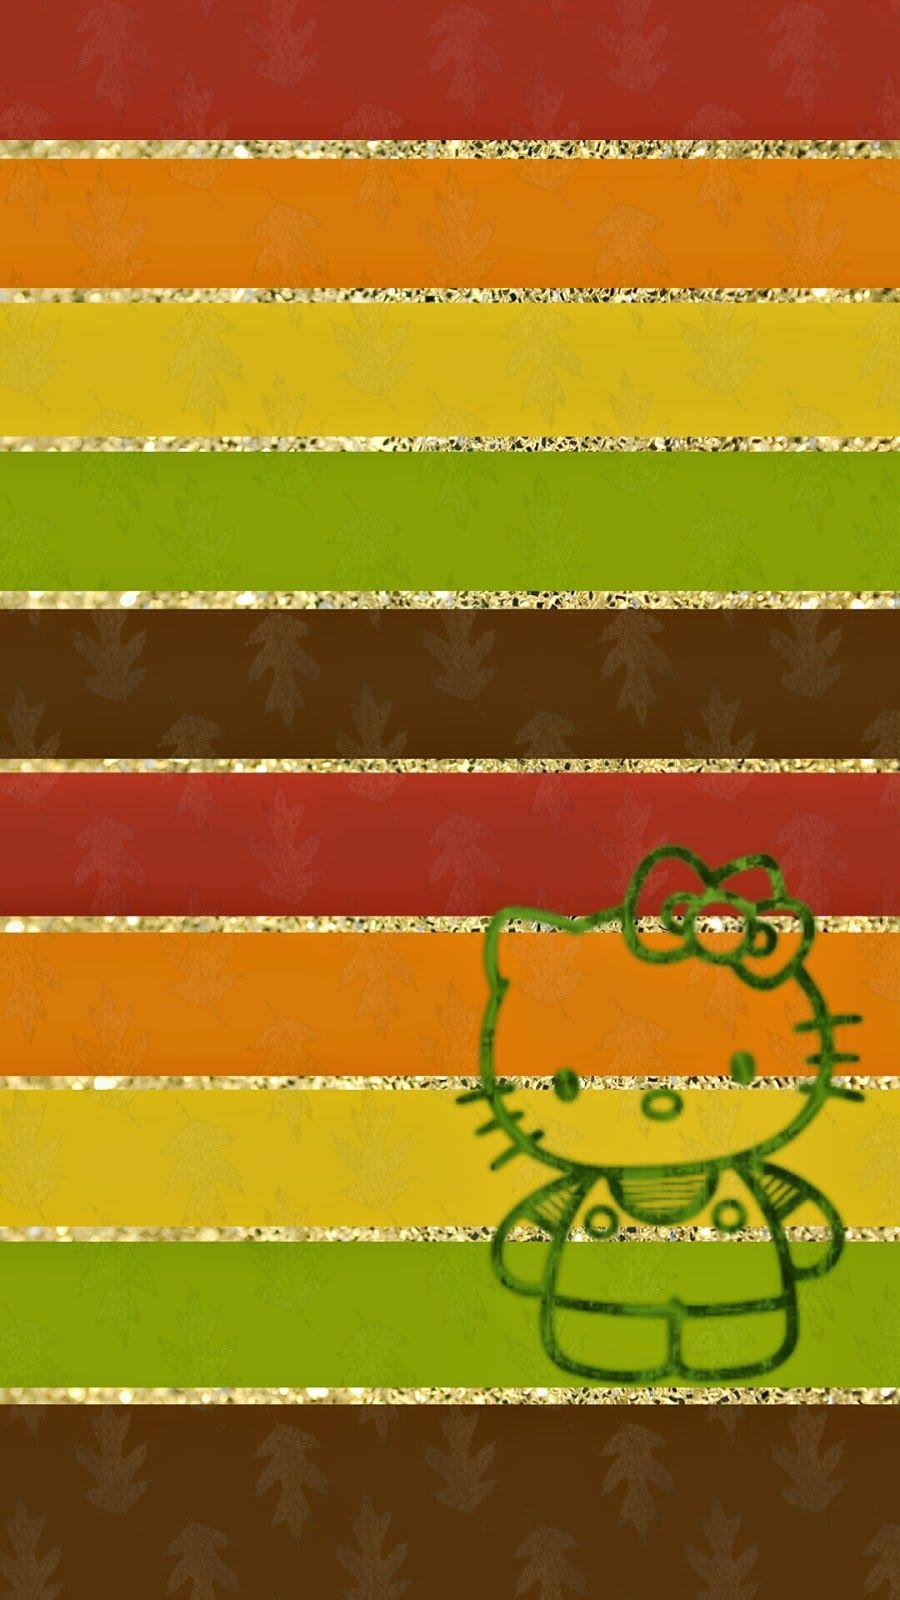 Cool Wallpaper Hello Kitty Orange - b1f0f4d6f39527f535a159d308289095  2018_204635.jpg